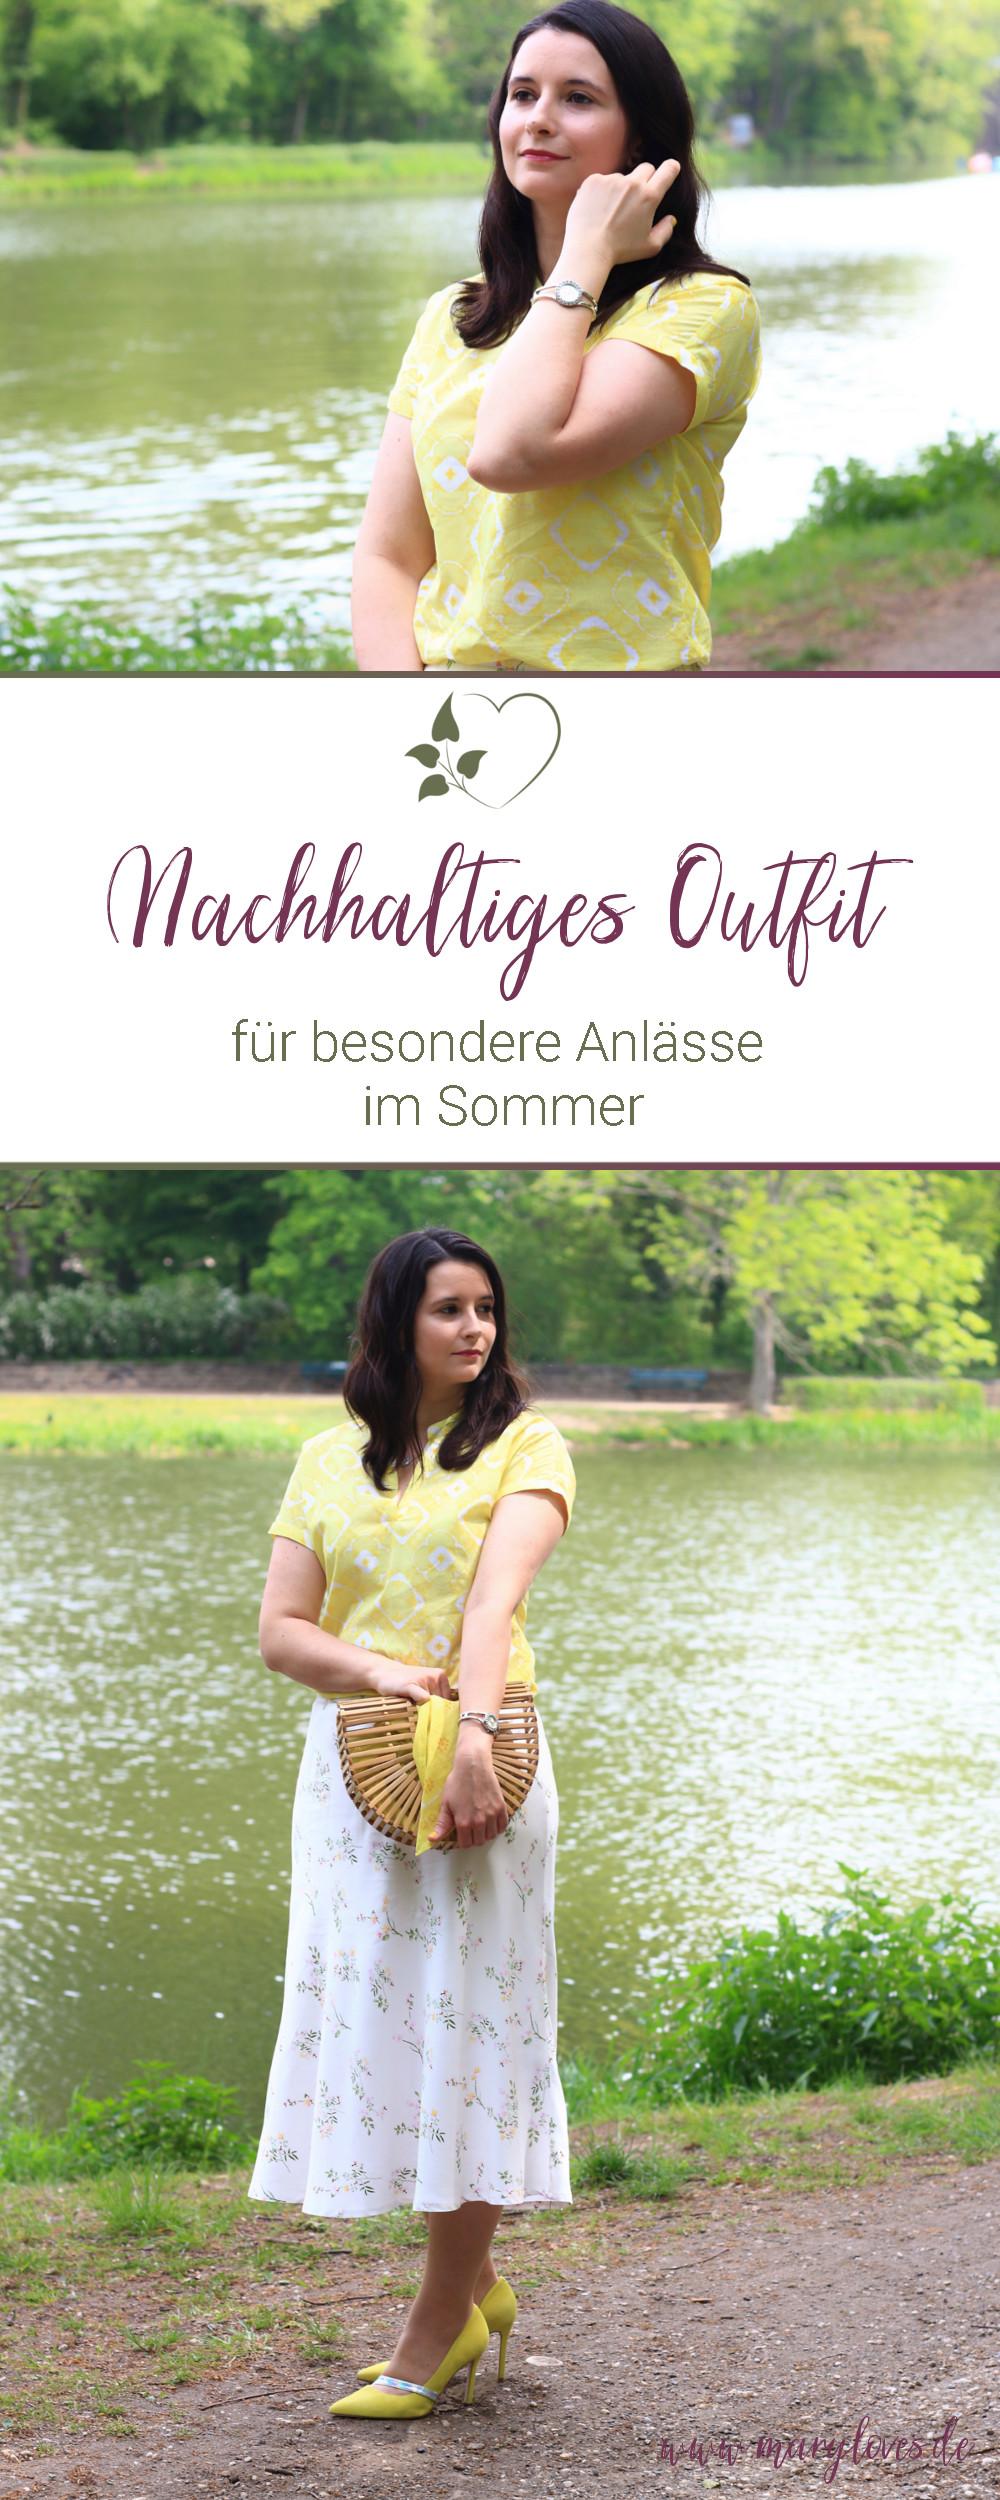 [Anzeige] Mein nachhaltiges Sommeroutfit für besondere Anlässe - #faieresommermode #sommerlook #nachhaltigemode #fairfashion #sommeroutfit #sommermode